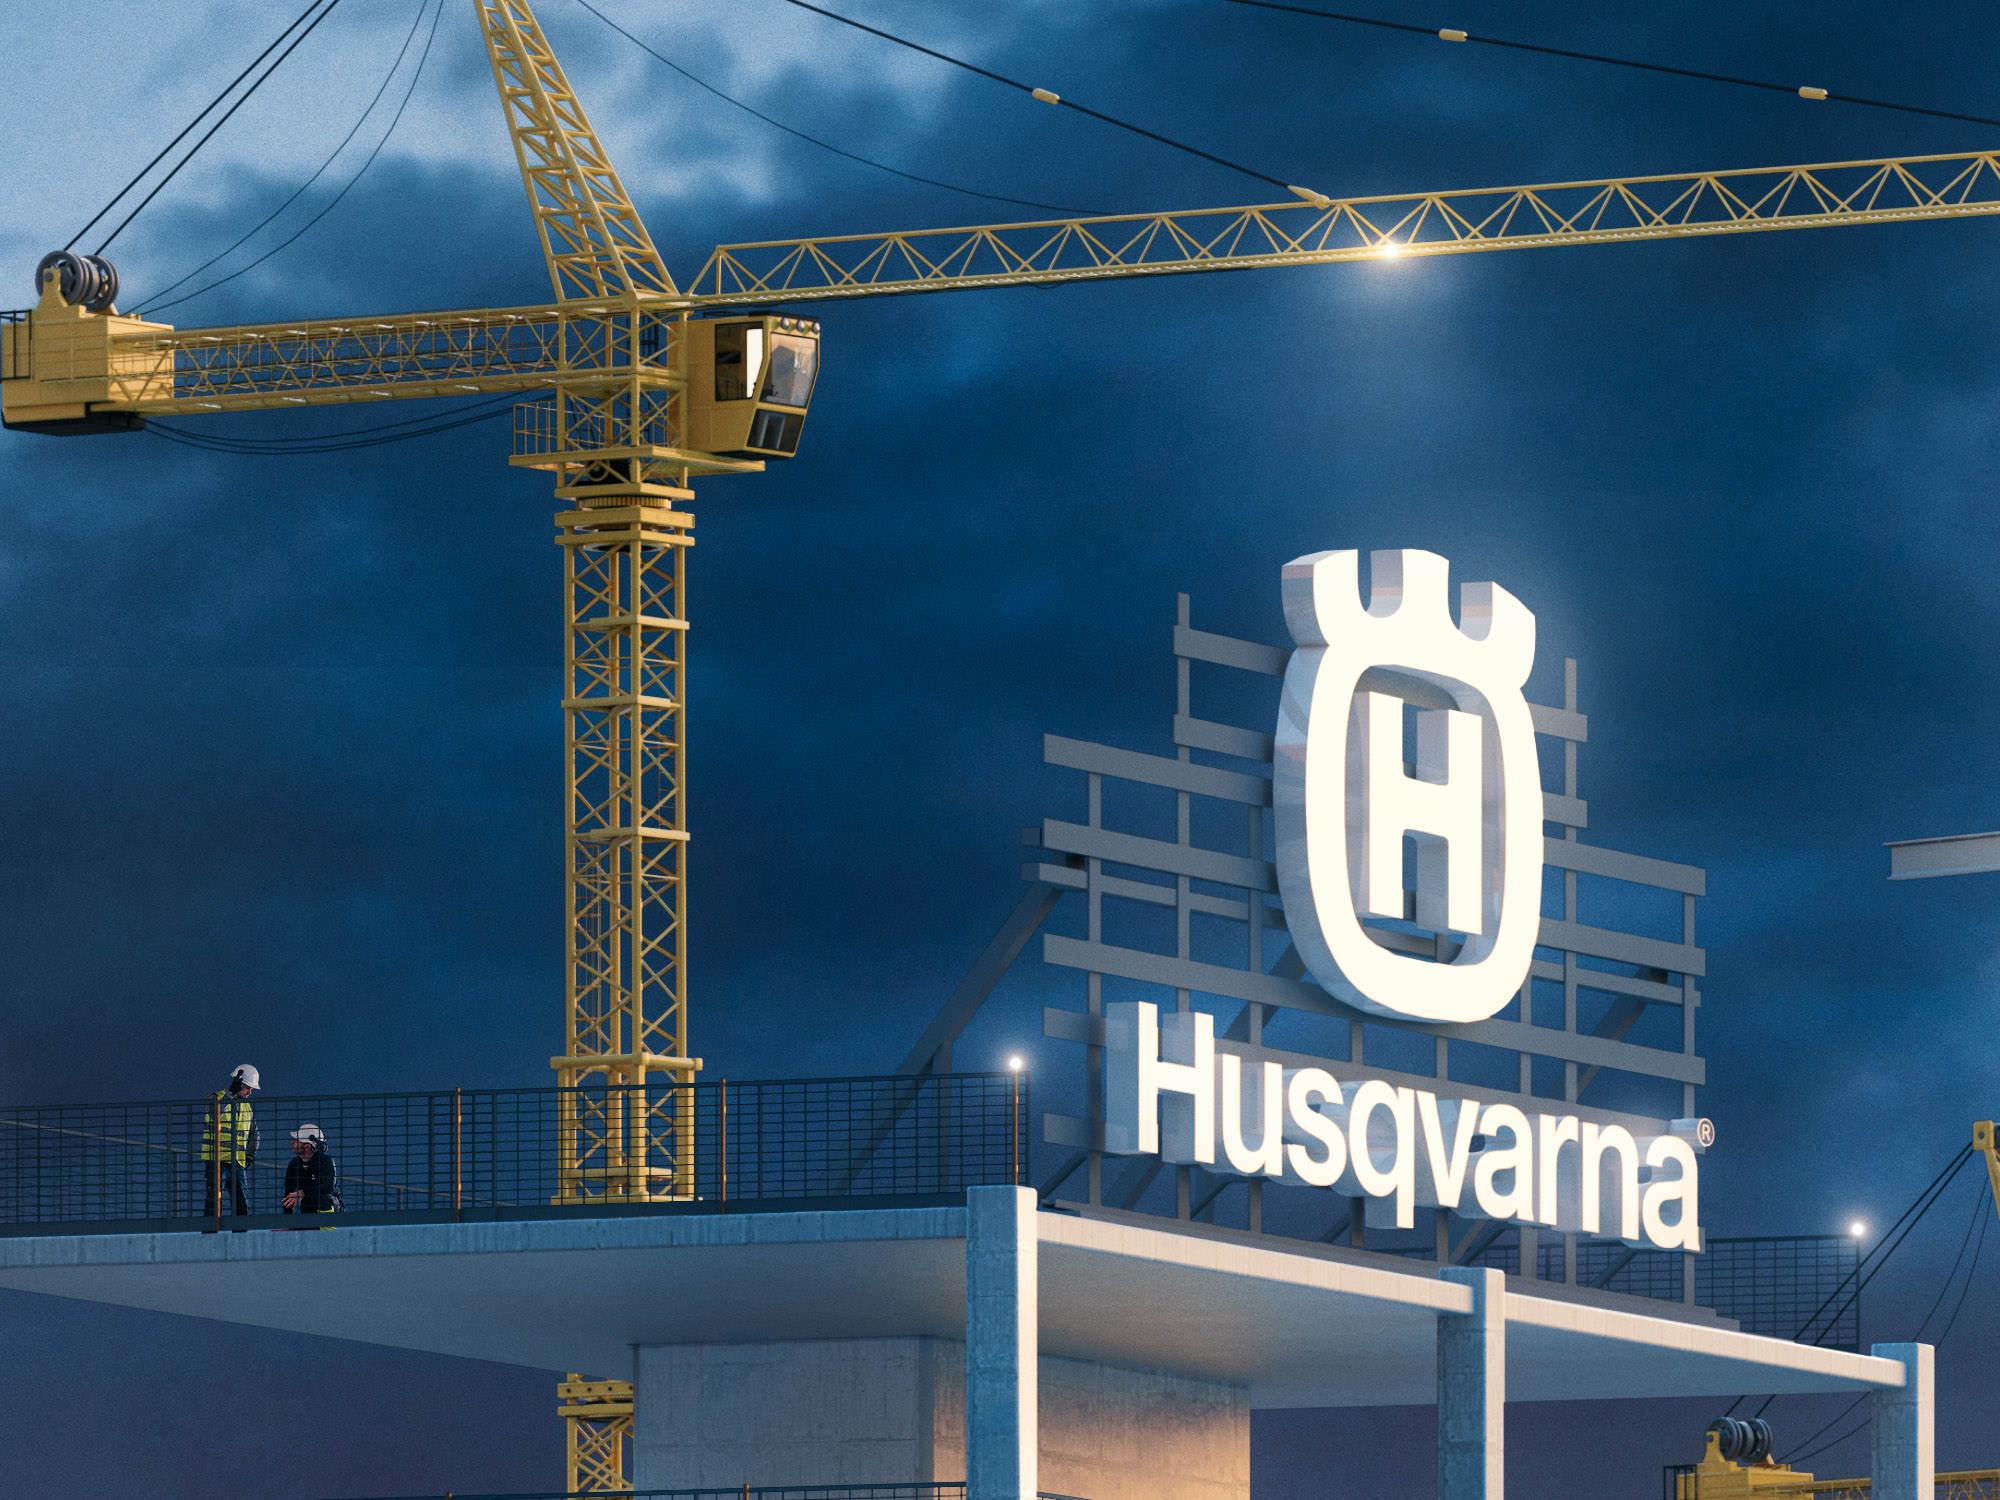 Husqvarna_Construction_Utsnitt_MINT_5_Web_2200.jpg